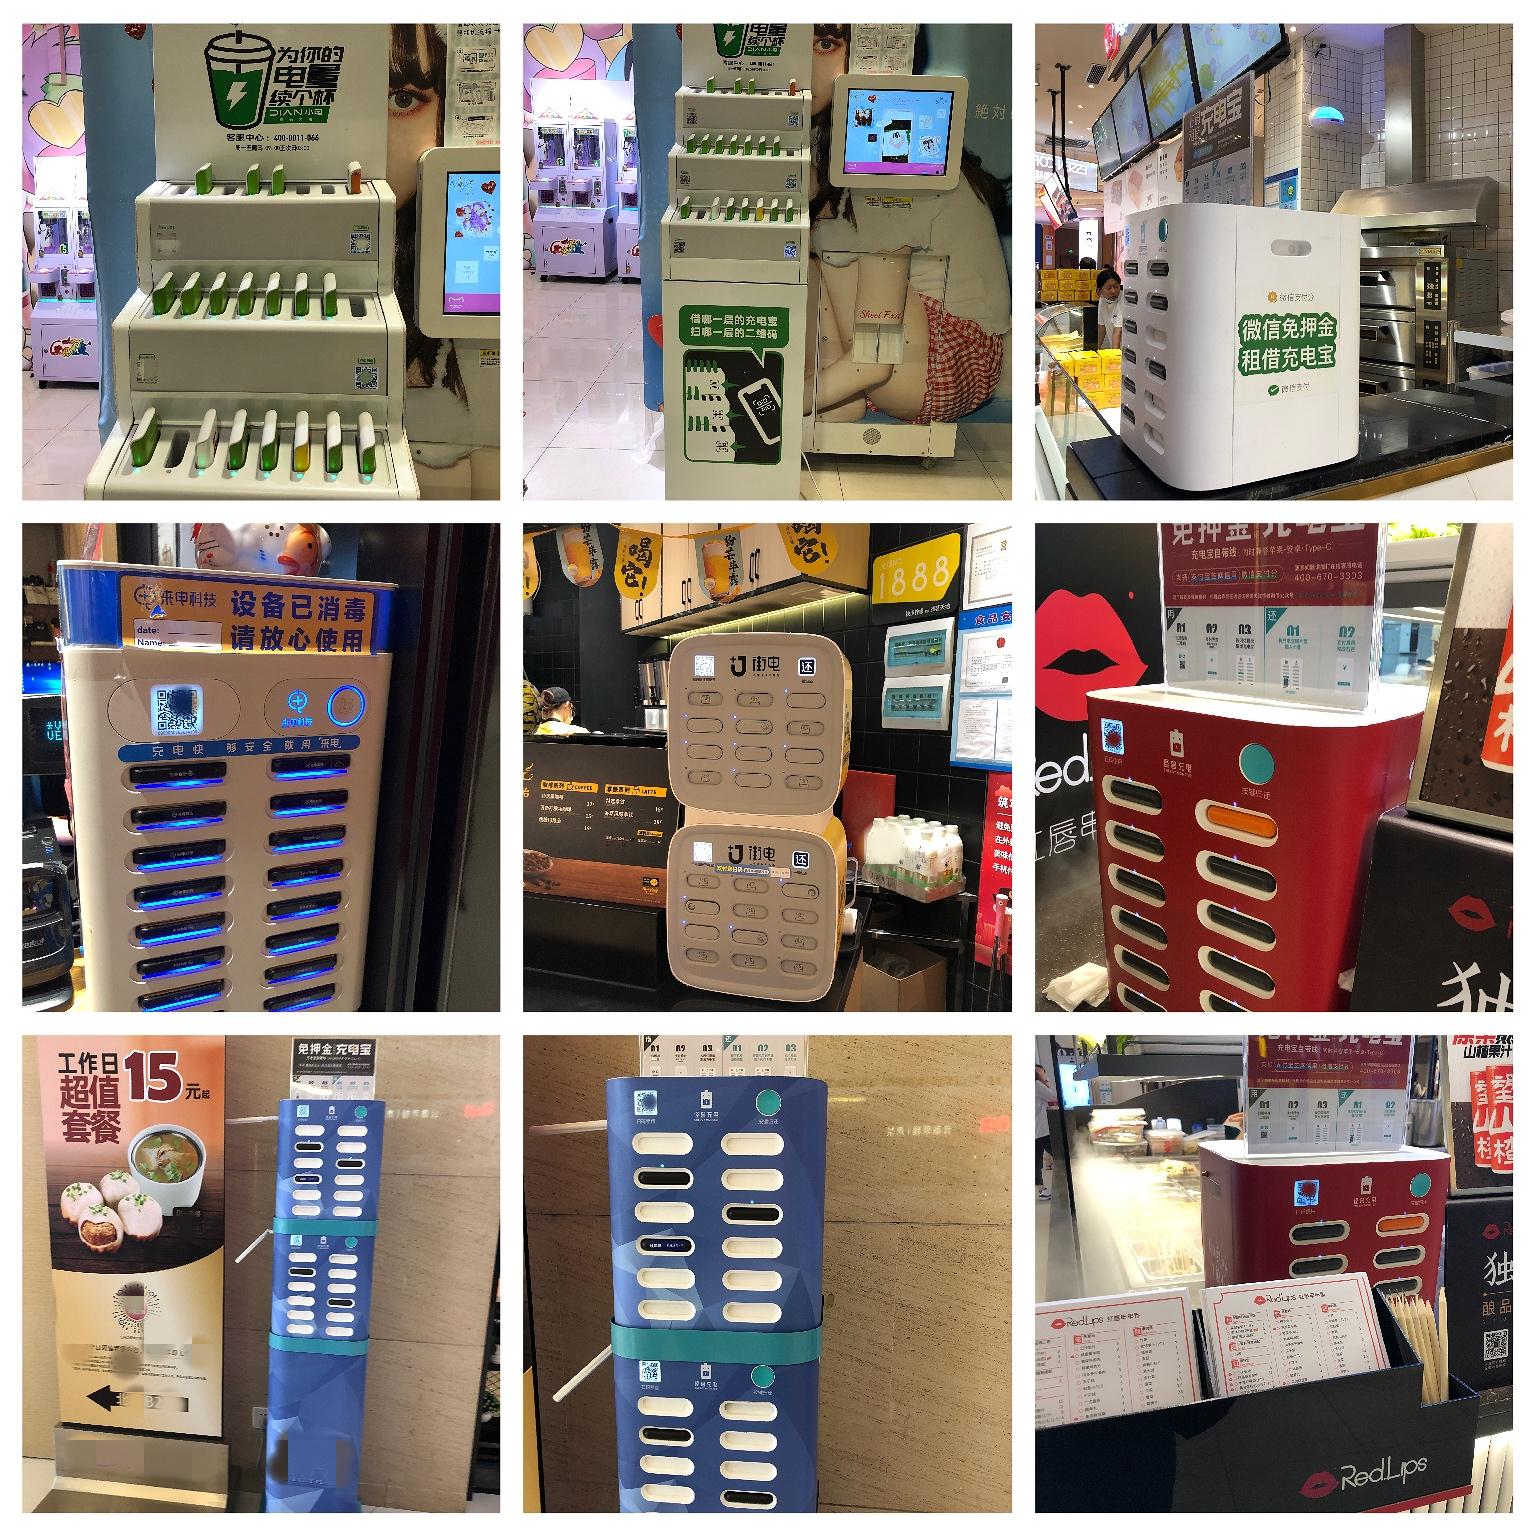 上海・様々なバッテリーブランドが登場している